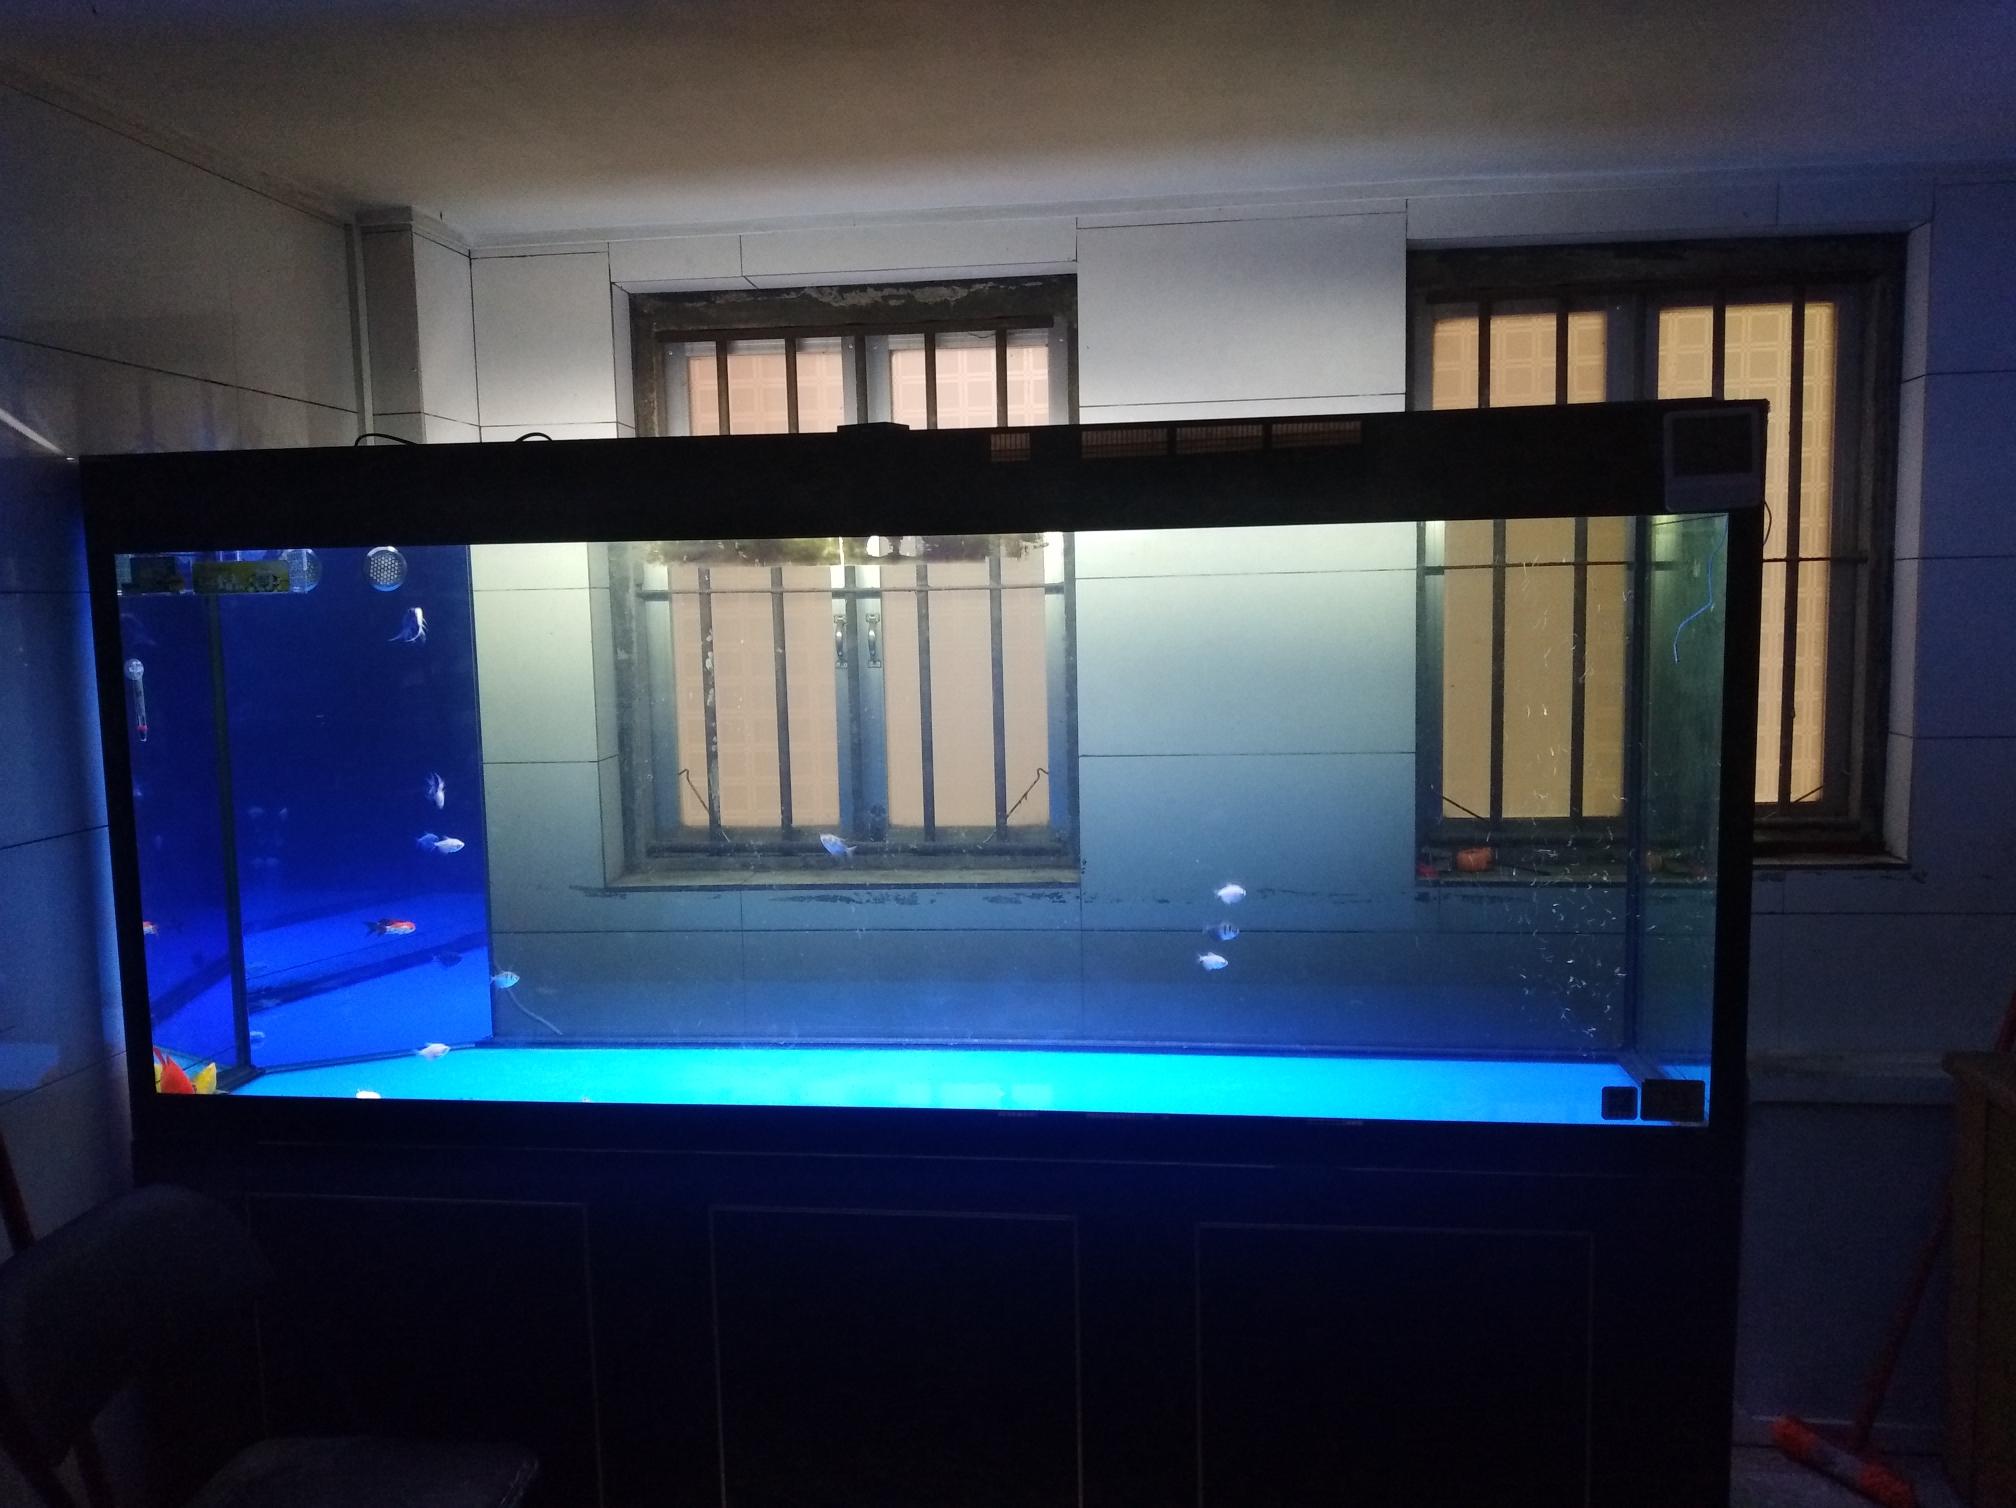 北京观赏鱼吧懂得越多套得越深 北京龙鱼论坛 北京龙鱼第3张